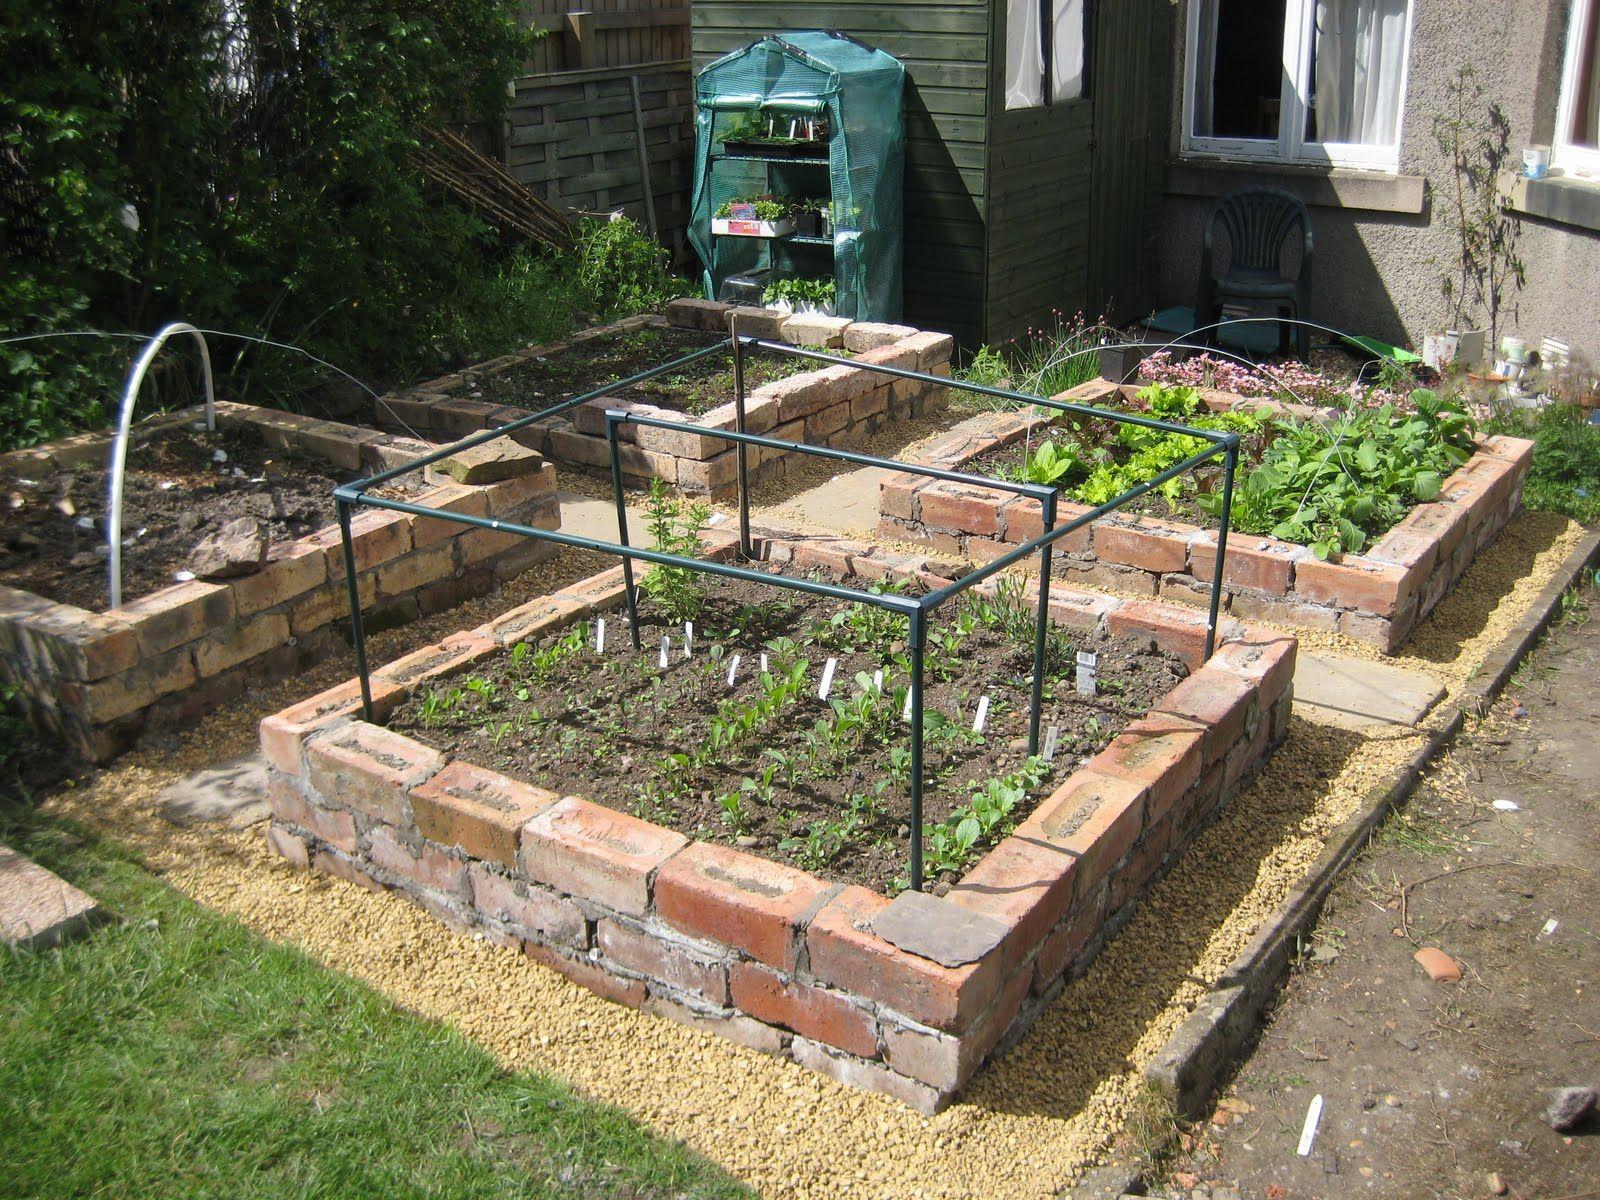 Garden Design For Raised Beds: Brick Raised Bed Garden Ideas